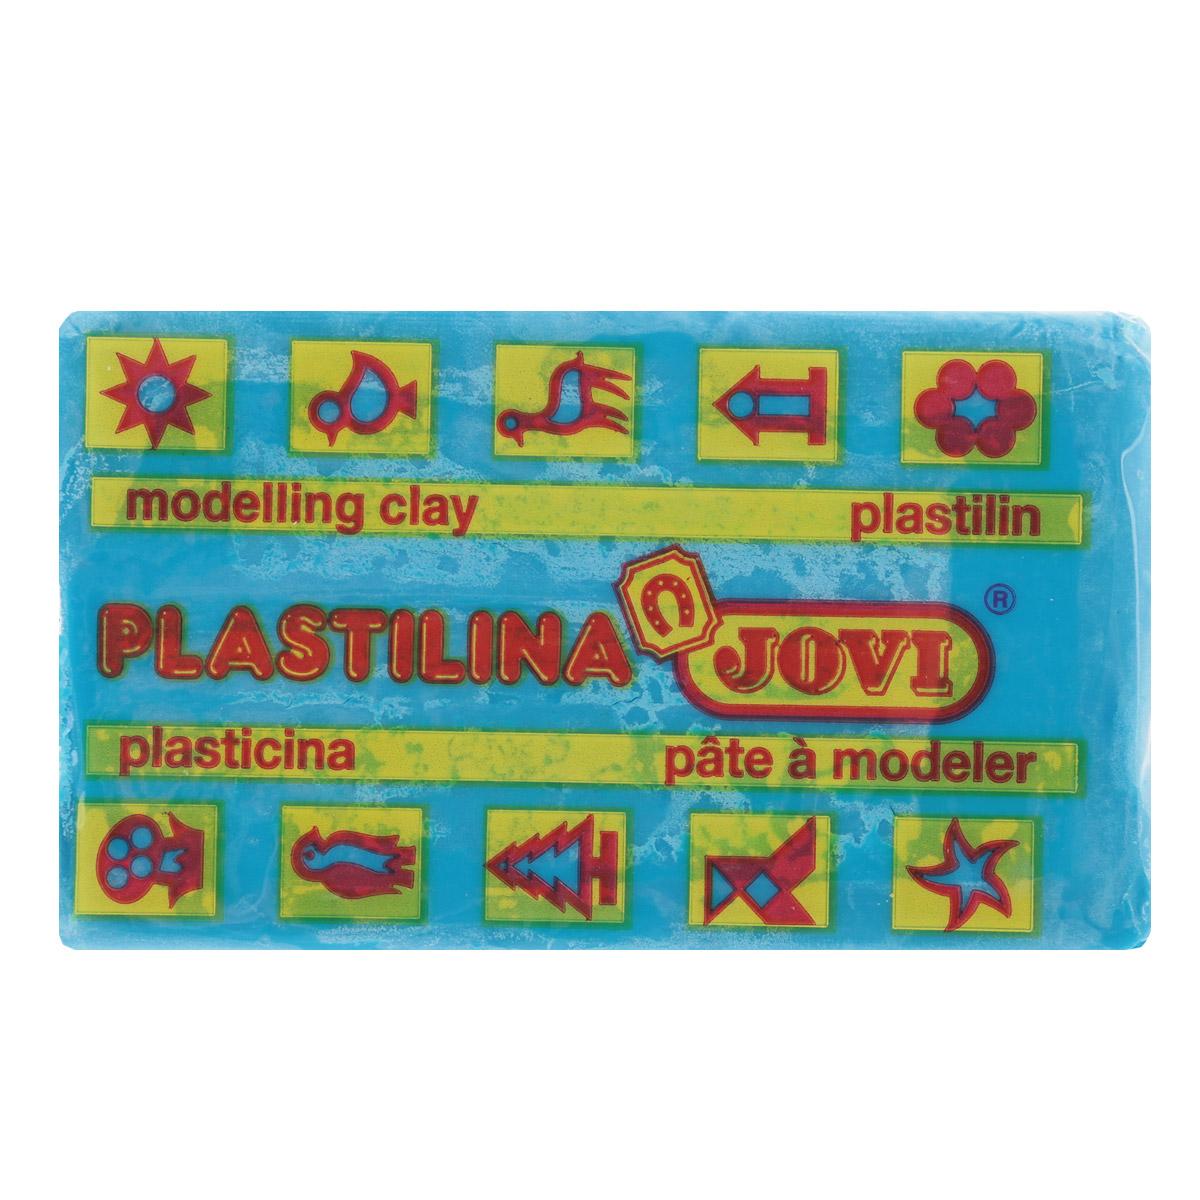 Jovi Пластилин, цвет: голубой, 50 г72523WDПластилин Jovi - лучший выбор для лепки, он обладает превосходными изобразительными возможностями и поэтому дает простор воображению и самым смелым творческим замыслам. Пластилин, изготовленный на растительной основе, очень мягкий, легко разминается и смешивается, не пачкает руки и не прилипает к рабочей поверхности. Пластилин пригоден для создания аппликаций и поделок, ручной лепки, моделирования на каркасе, пластилиновой живописи - рисовании пластилином по бумаге, картону, дереву или текстилю. Пластические свойства сохраняются в течение 5 лет.